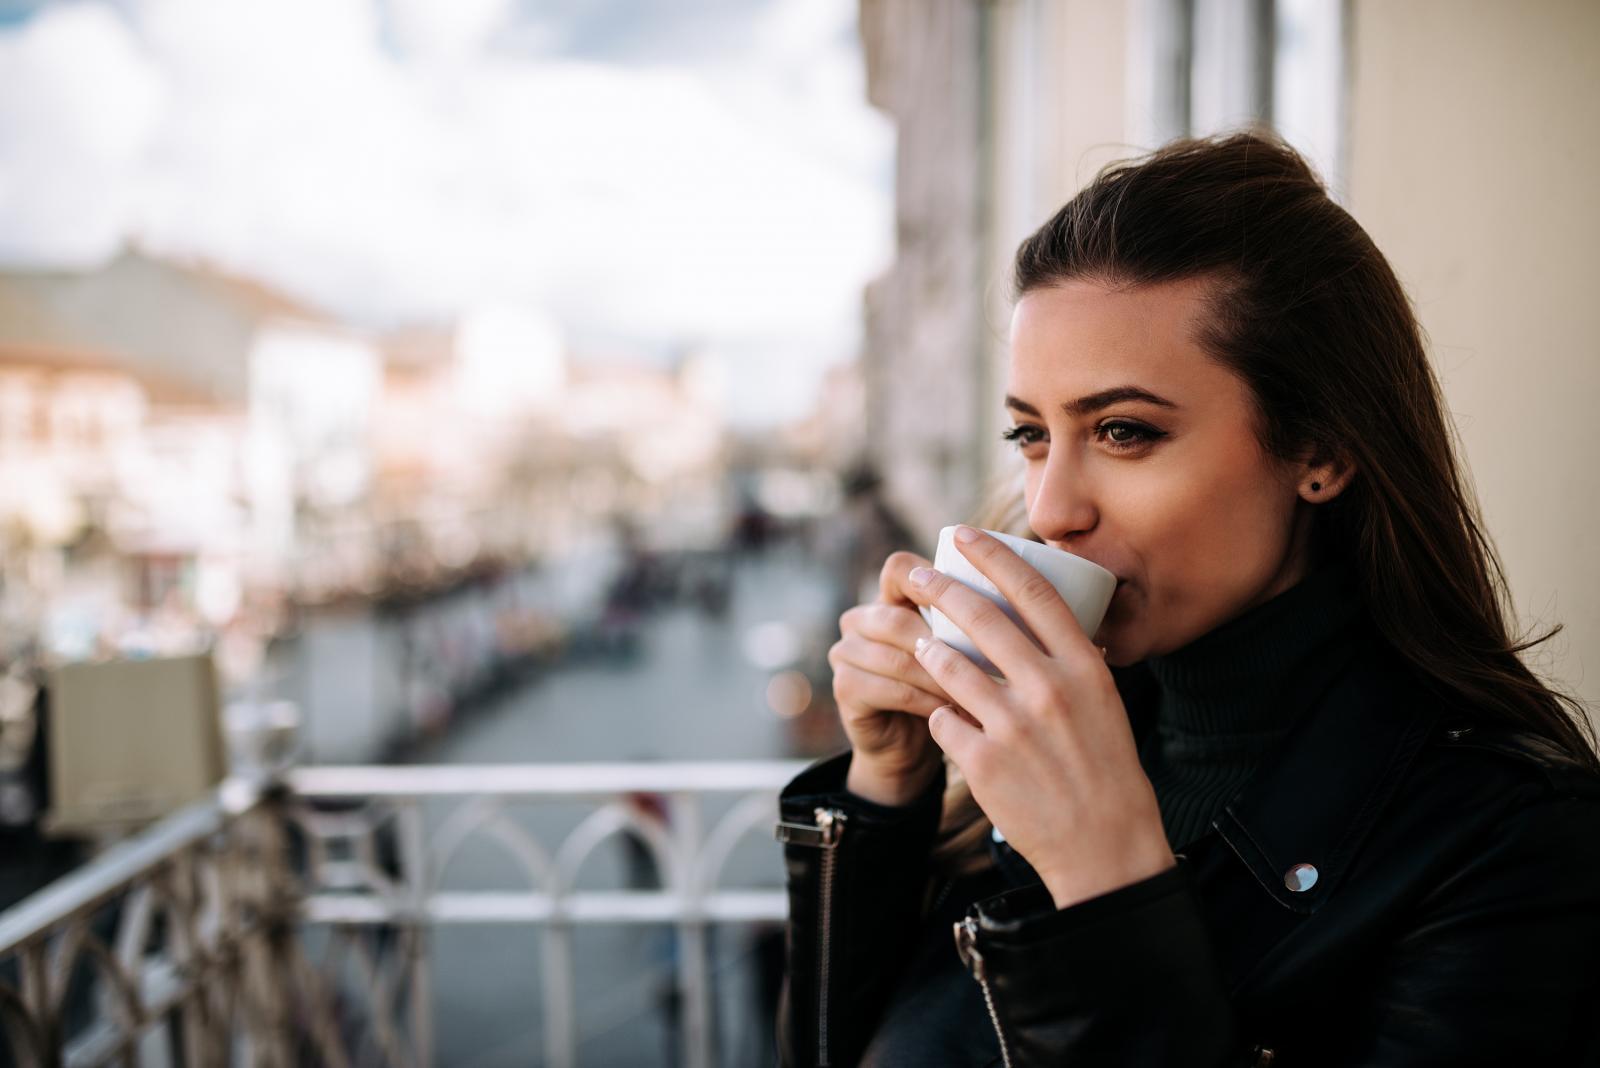 Zeleni čaj, naročito u većim količinama, može pogoršati stanje kod proljeva, glaukoma i poremećaja krvarenja.